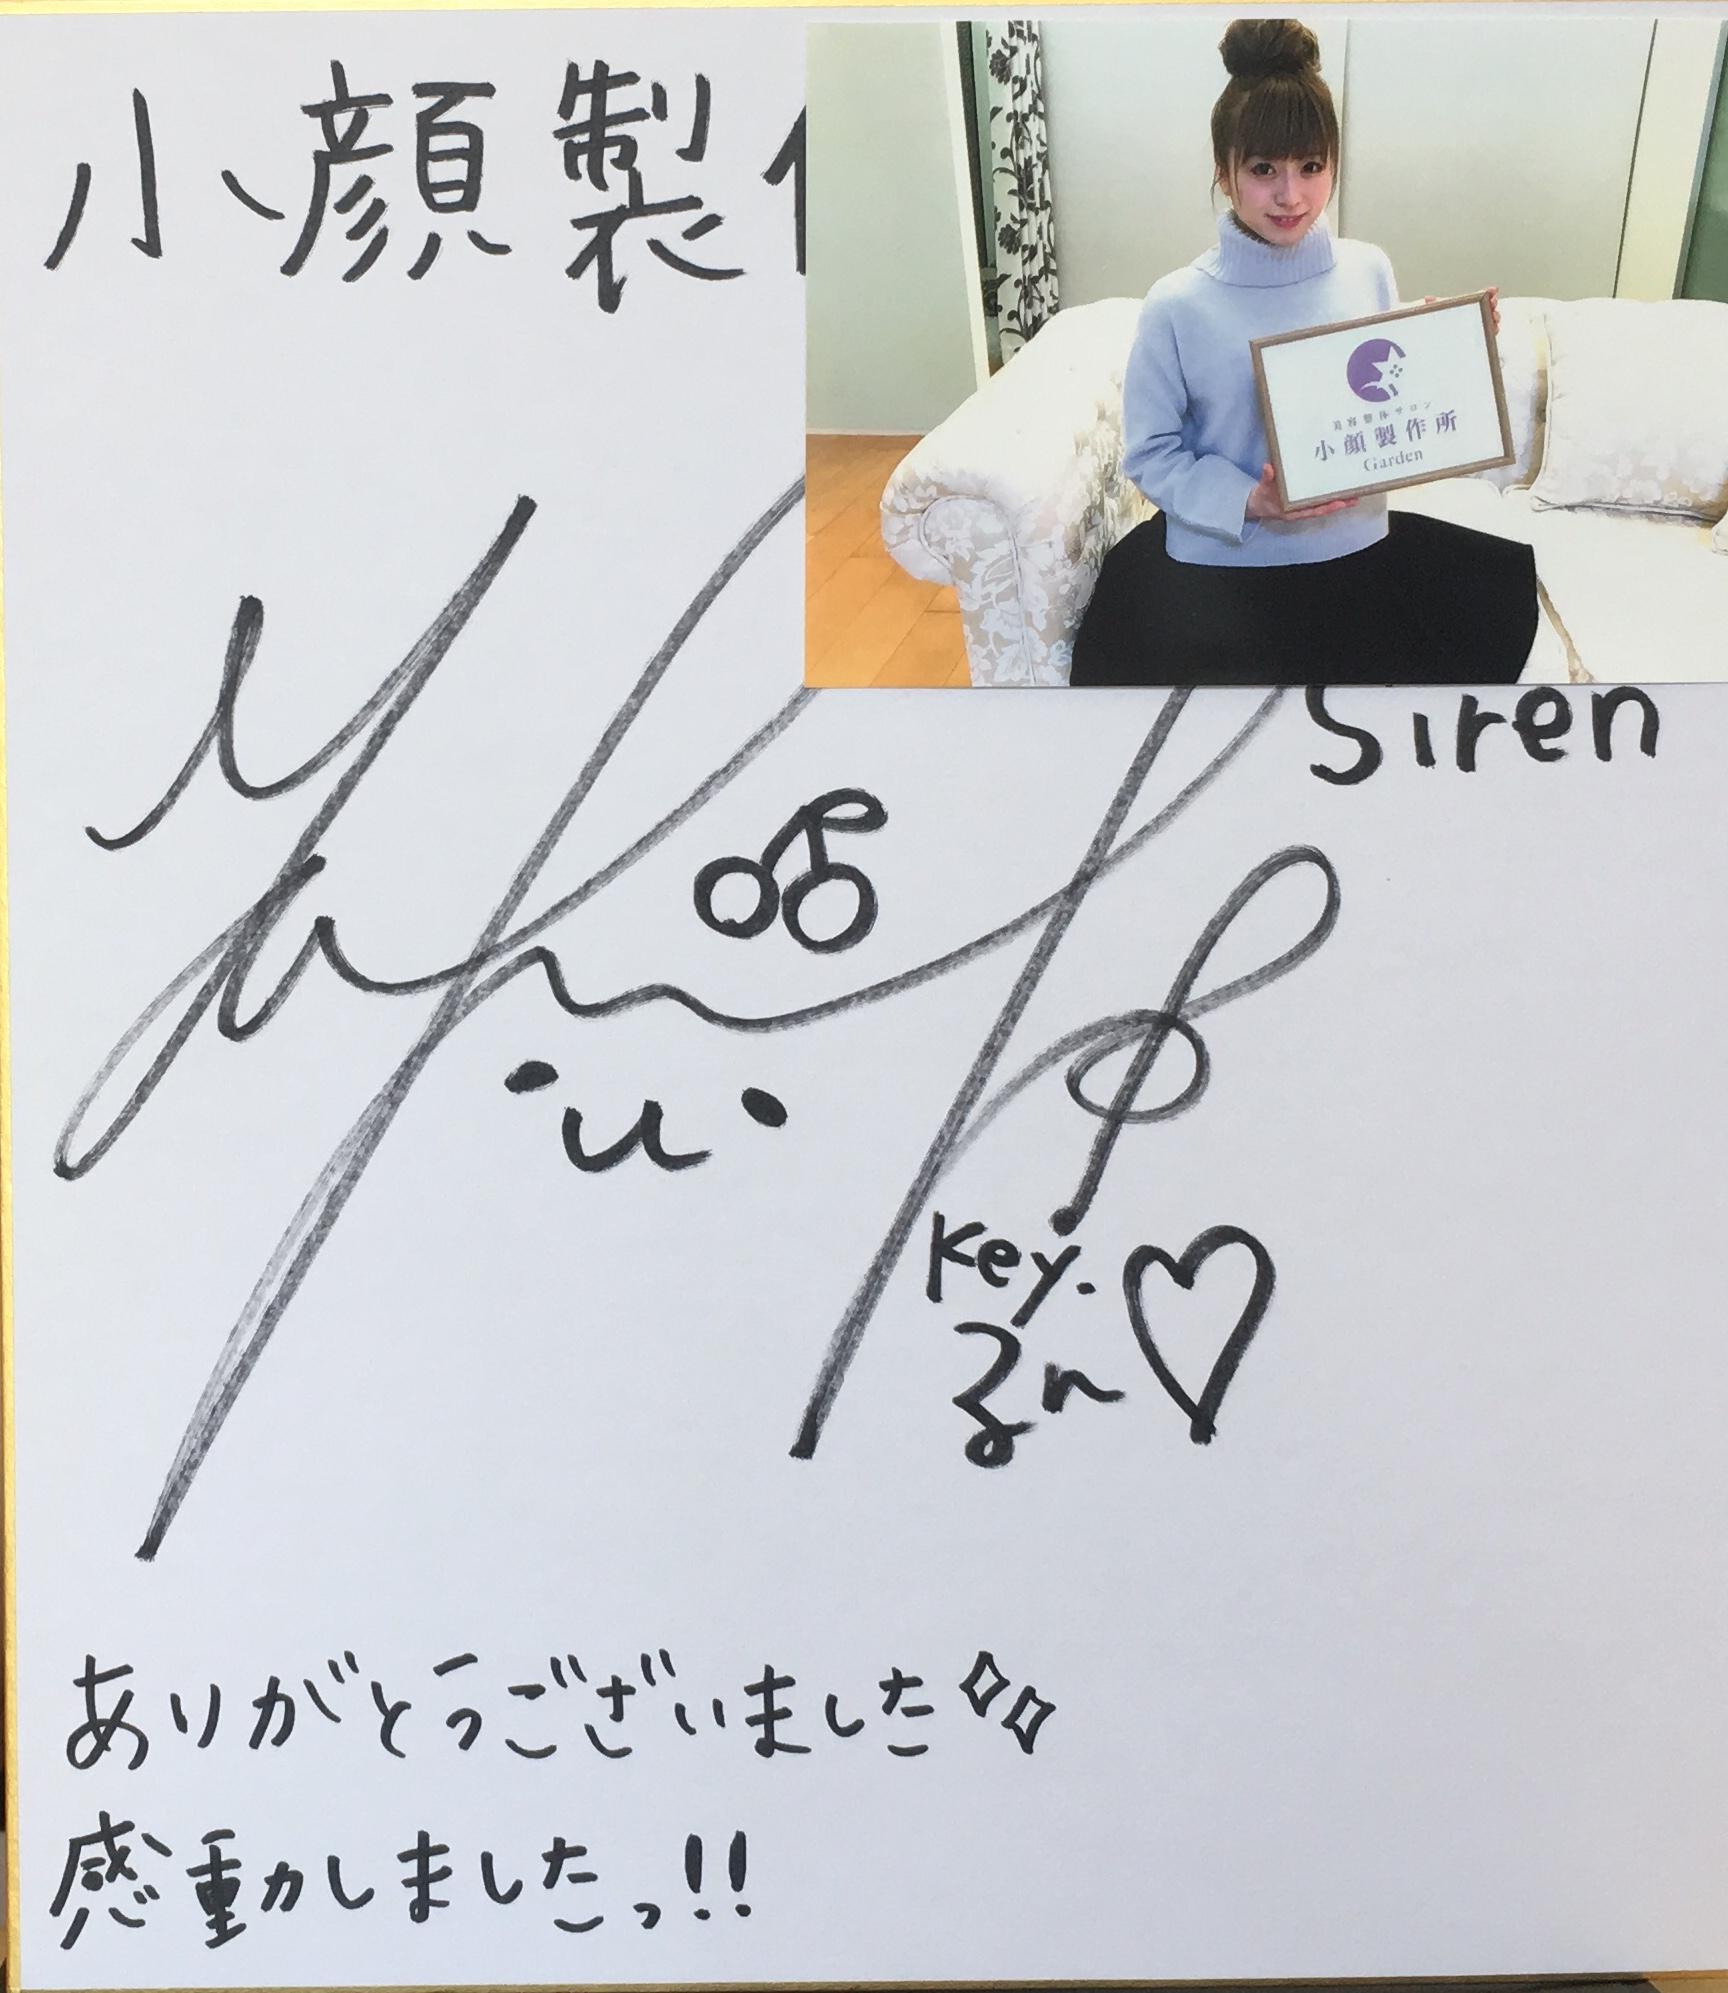 黒坂優香子 様<br><span>(歌手)</span>